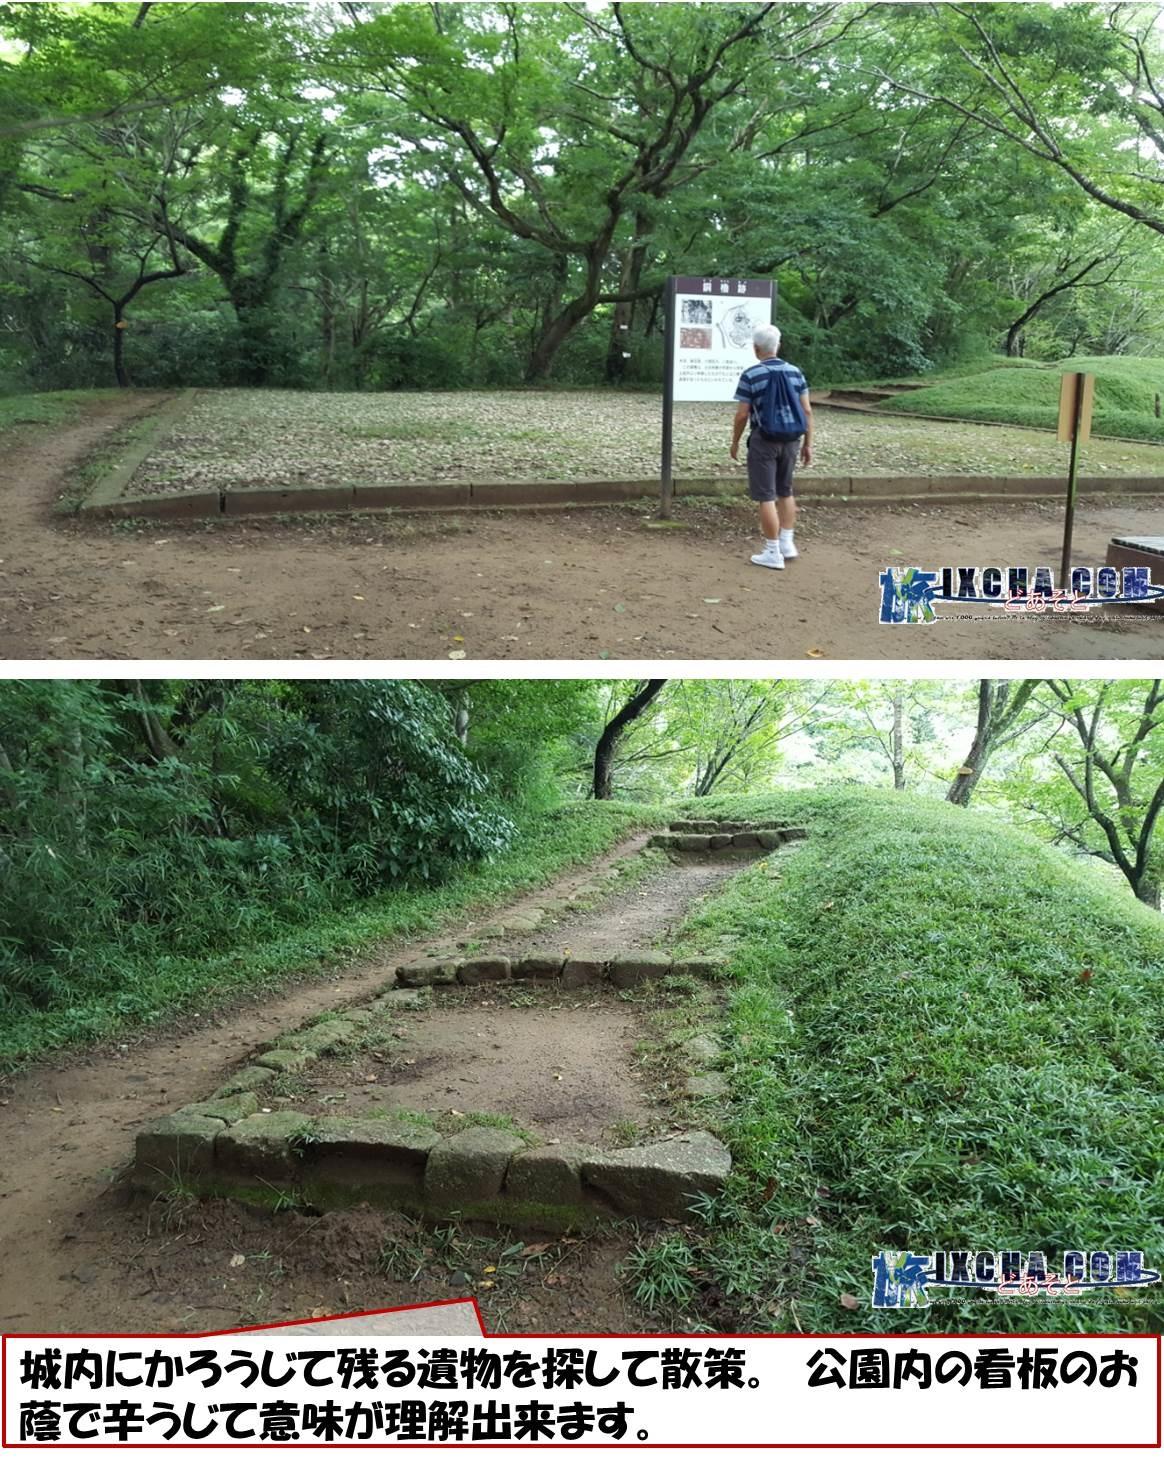 城内にかろうじて残る遺物を探して散策。 公園内の看板のお蔭で辛うじて意味が理解出来ます。